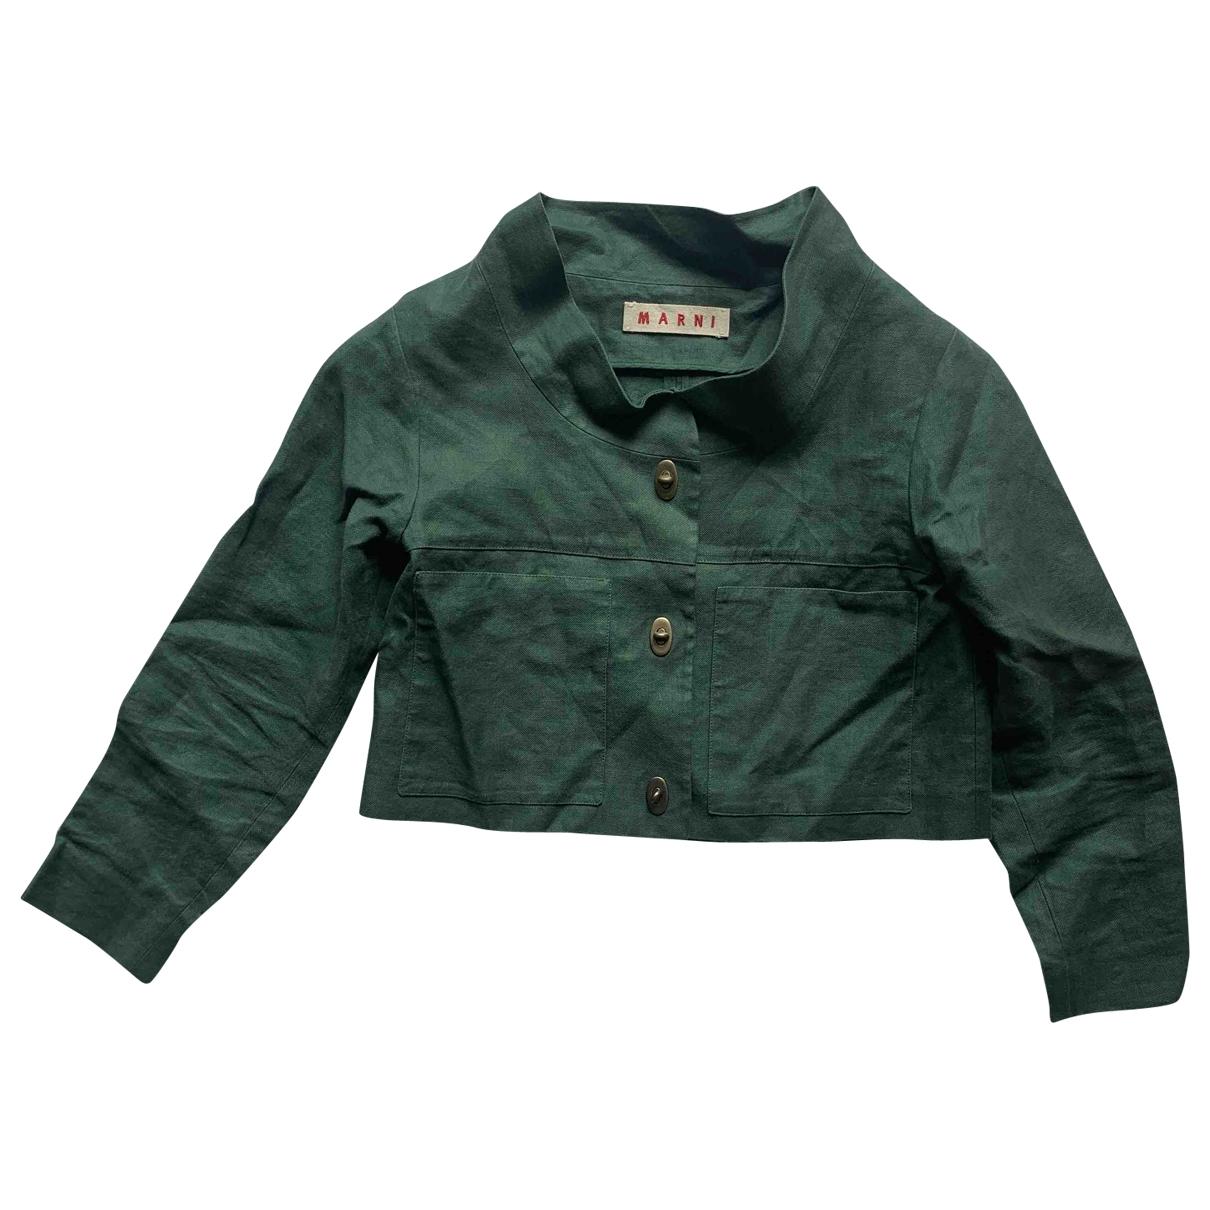 Marni \N Green Linen jacket for Women 38 IT